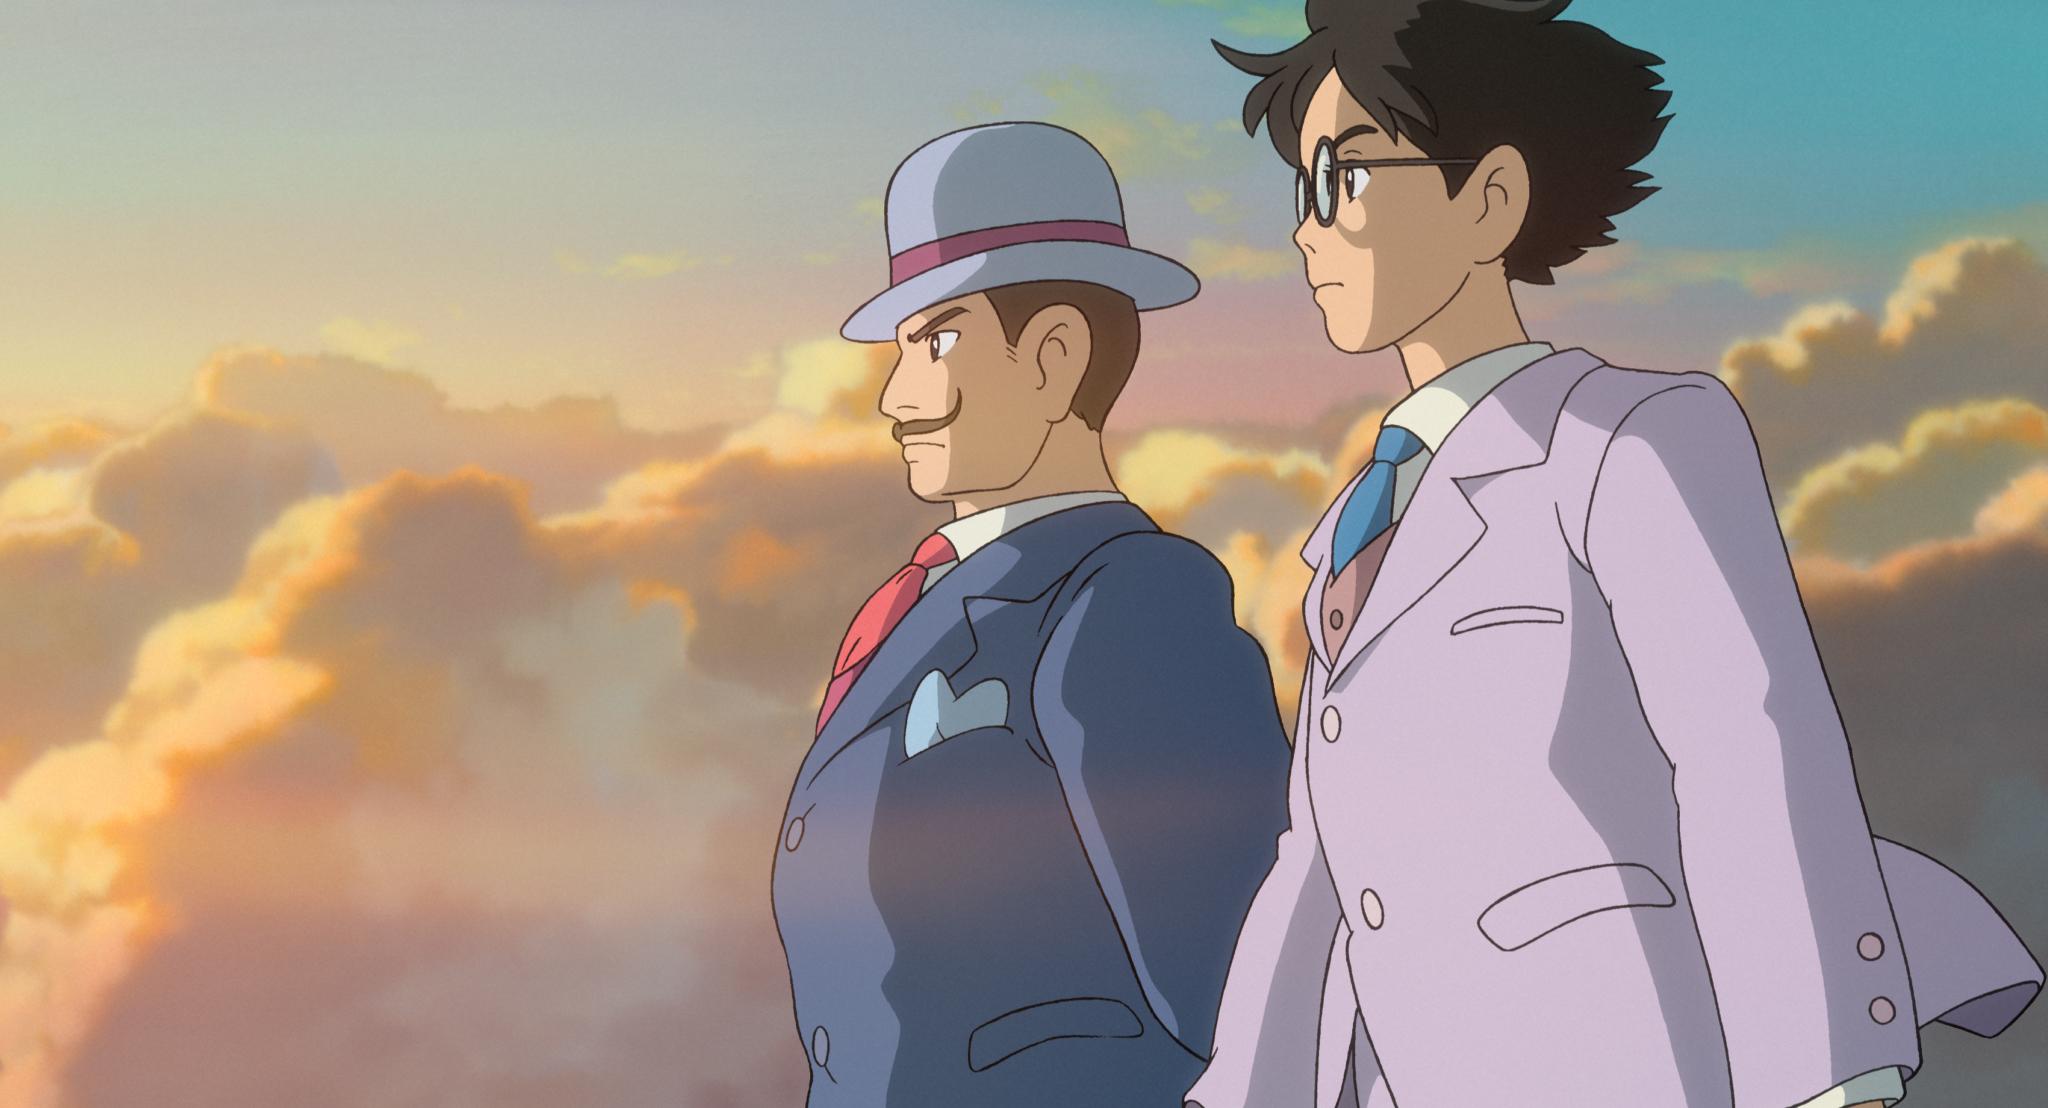 В чём особенность мультфильмов Хаяо Миядзаки? 20